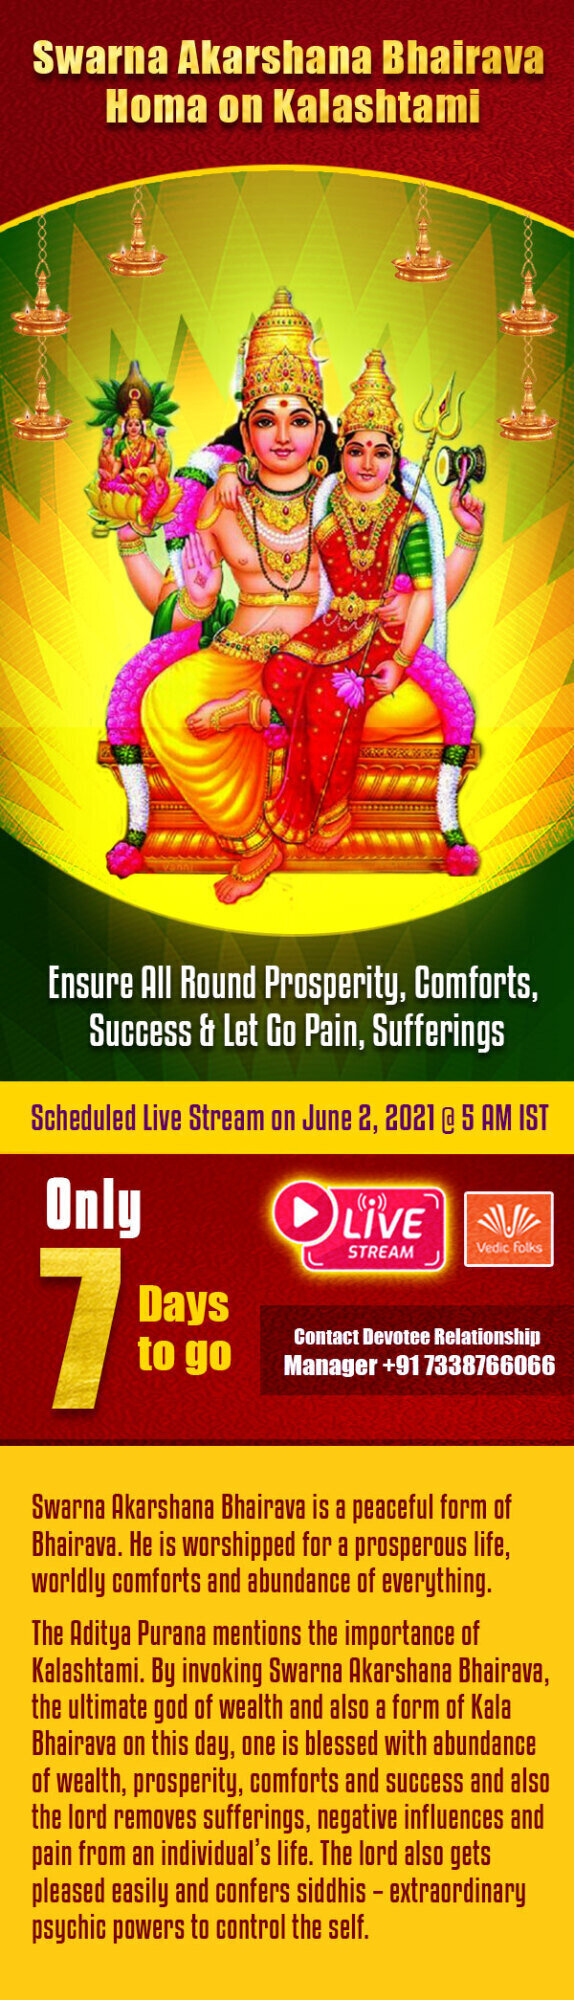 Exclusive Live Stream Swarna Akarshana Bhairava Homam on Kalashtami